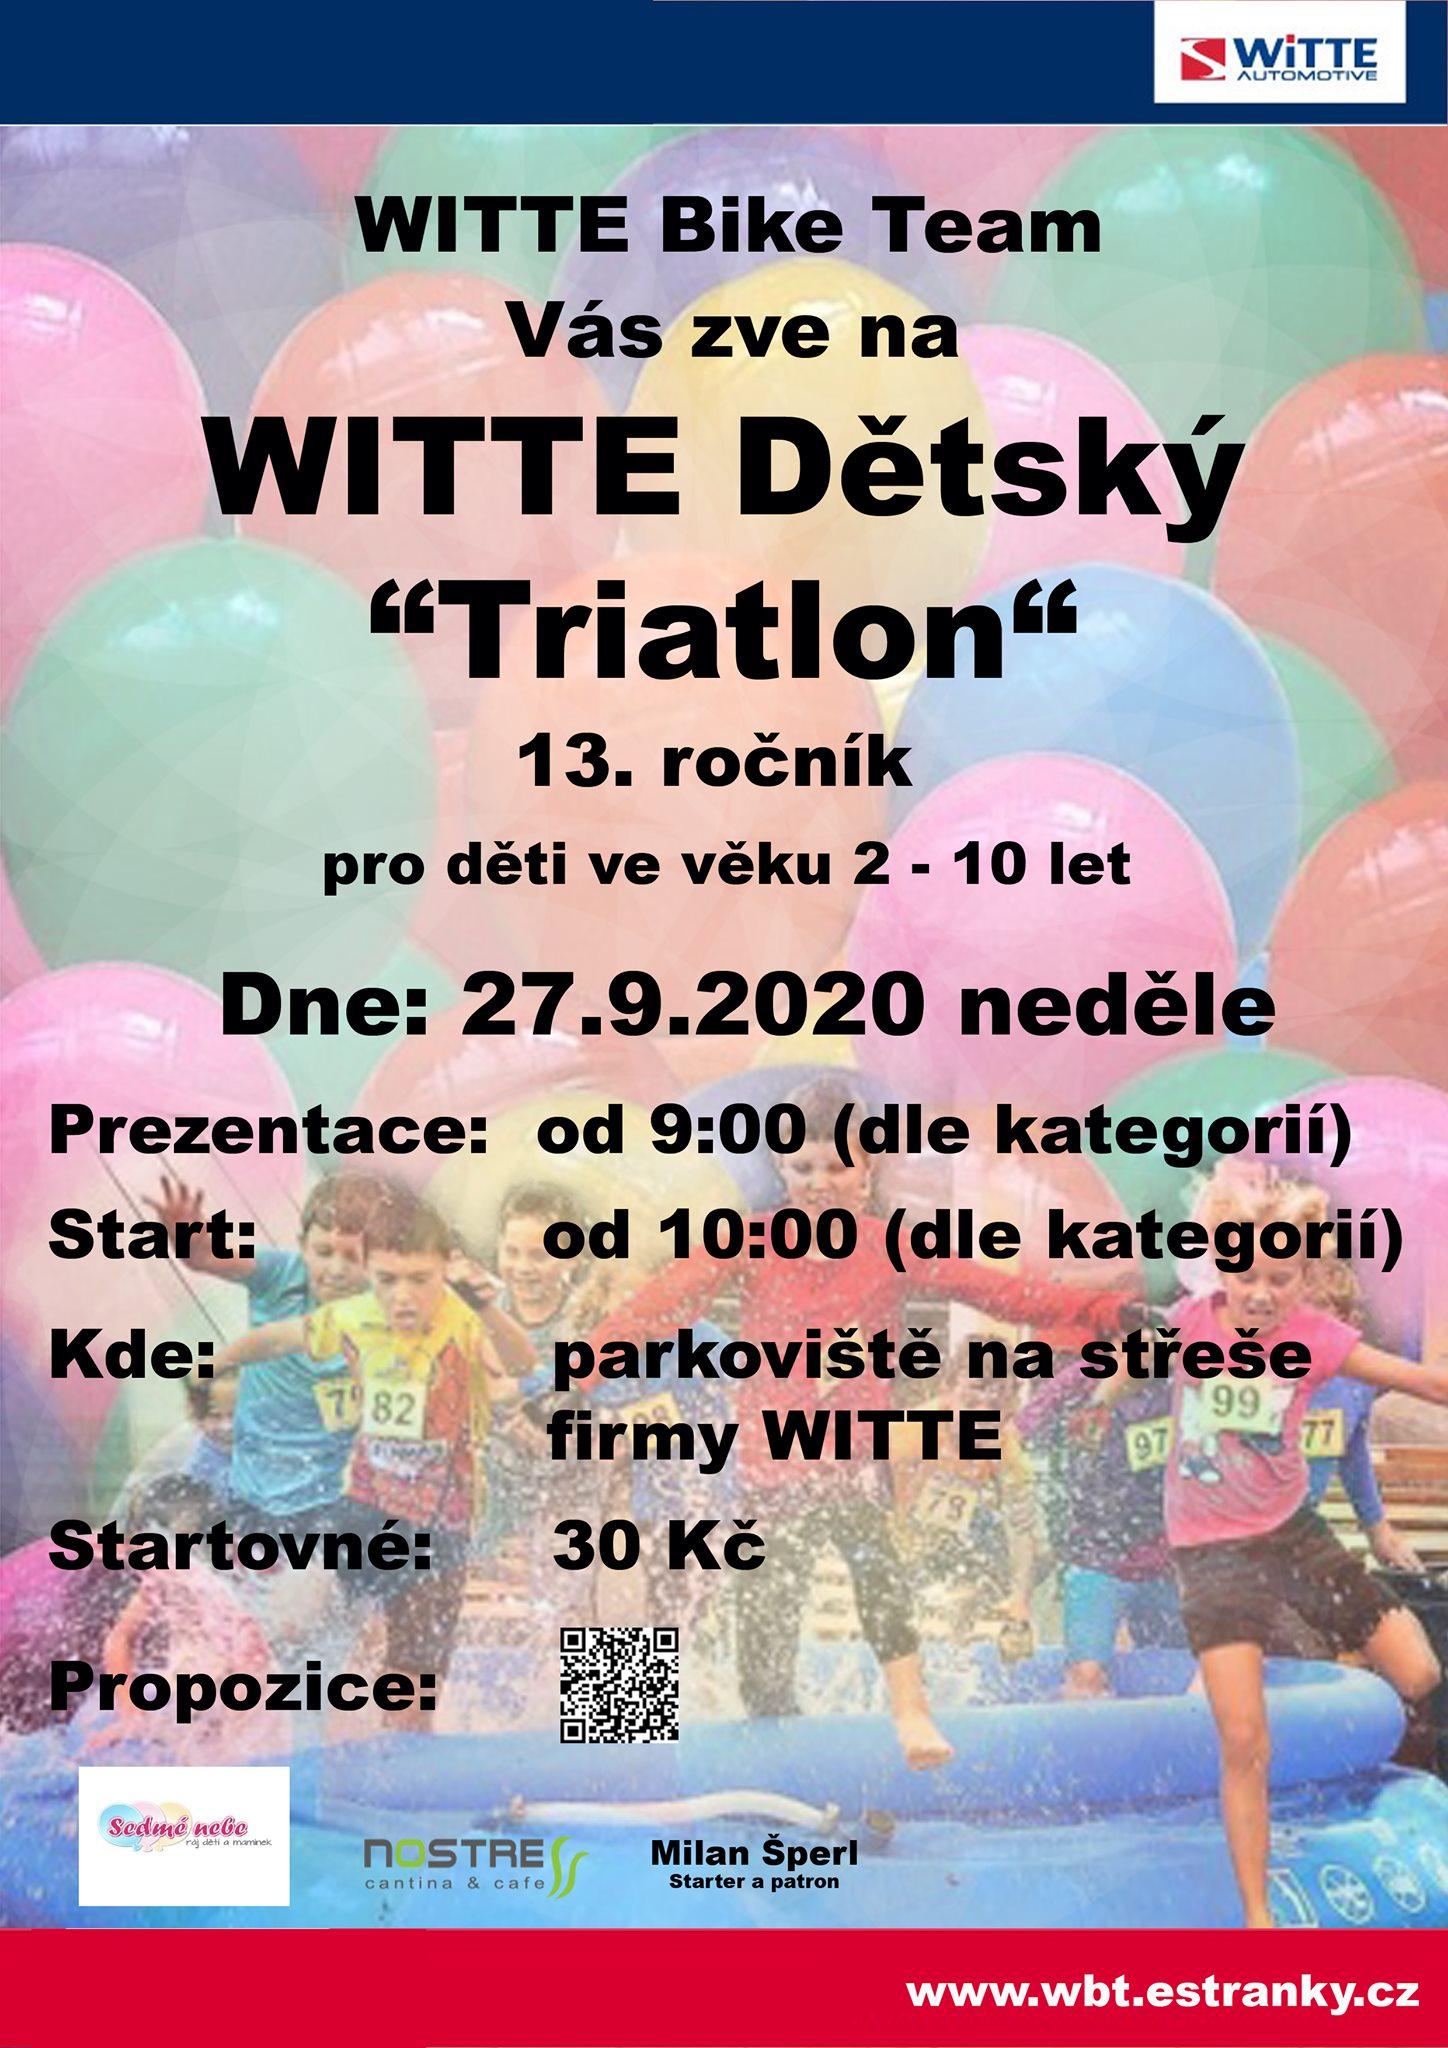 witte detsky triatlon 2020 nejdek